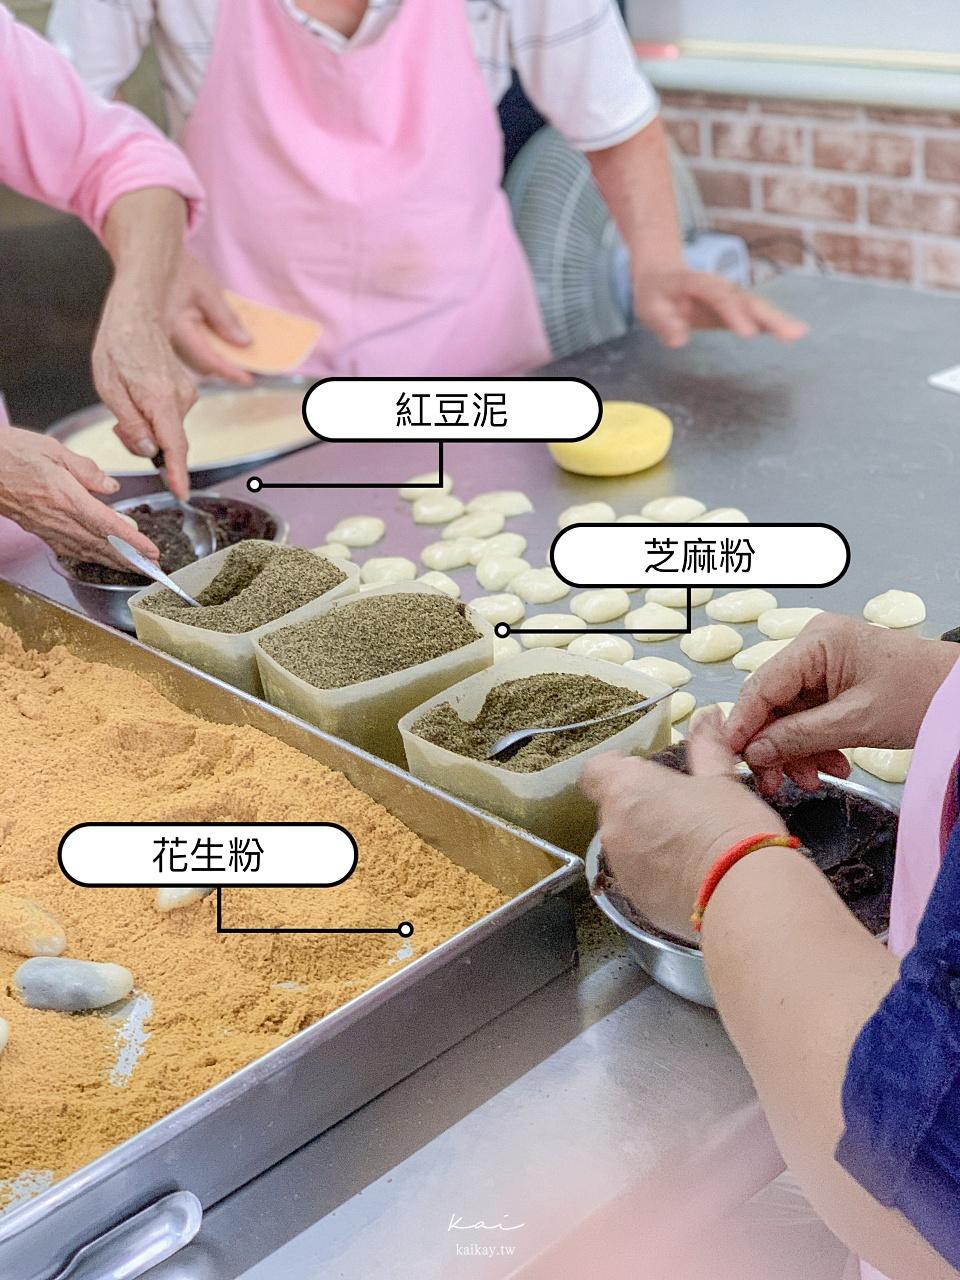 ☆【台中美食】北區經典排隊伴手禮:李記麻糬。黑糖麻糬竟然消失了!!